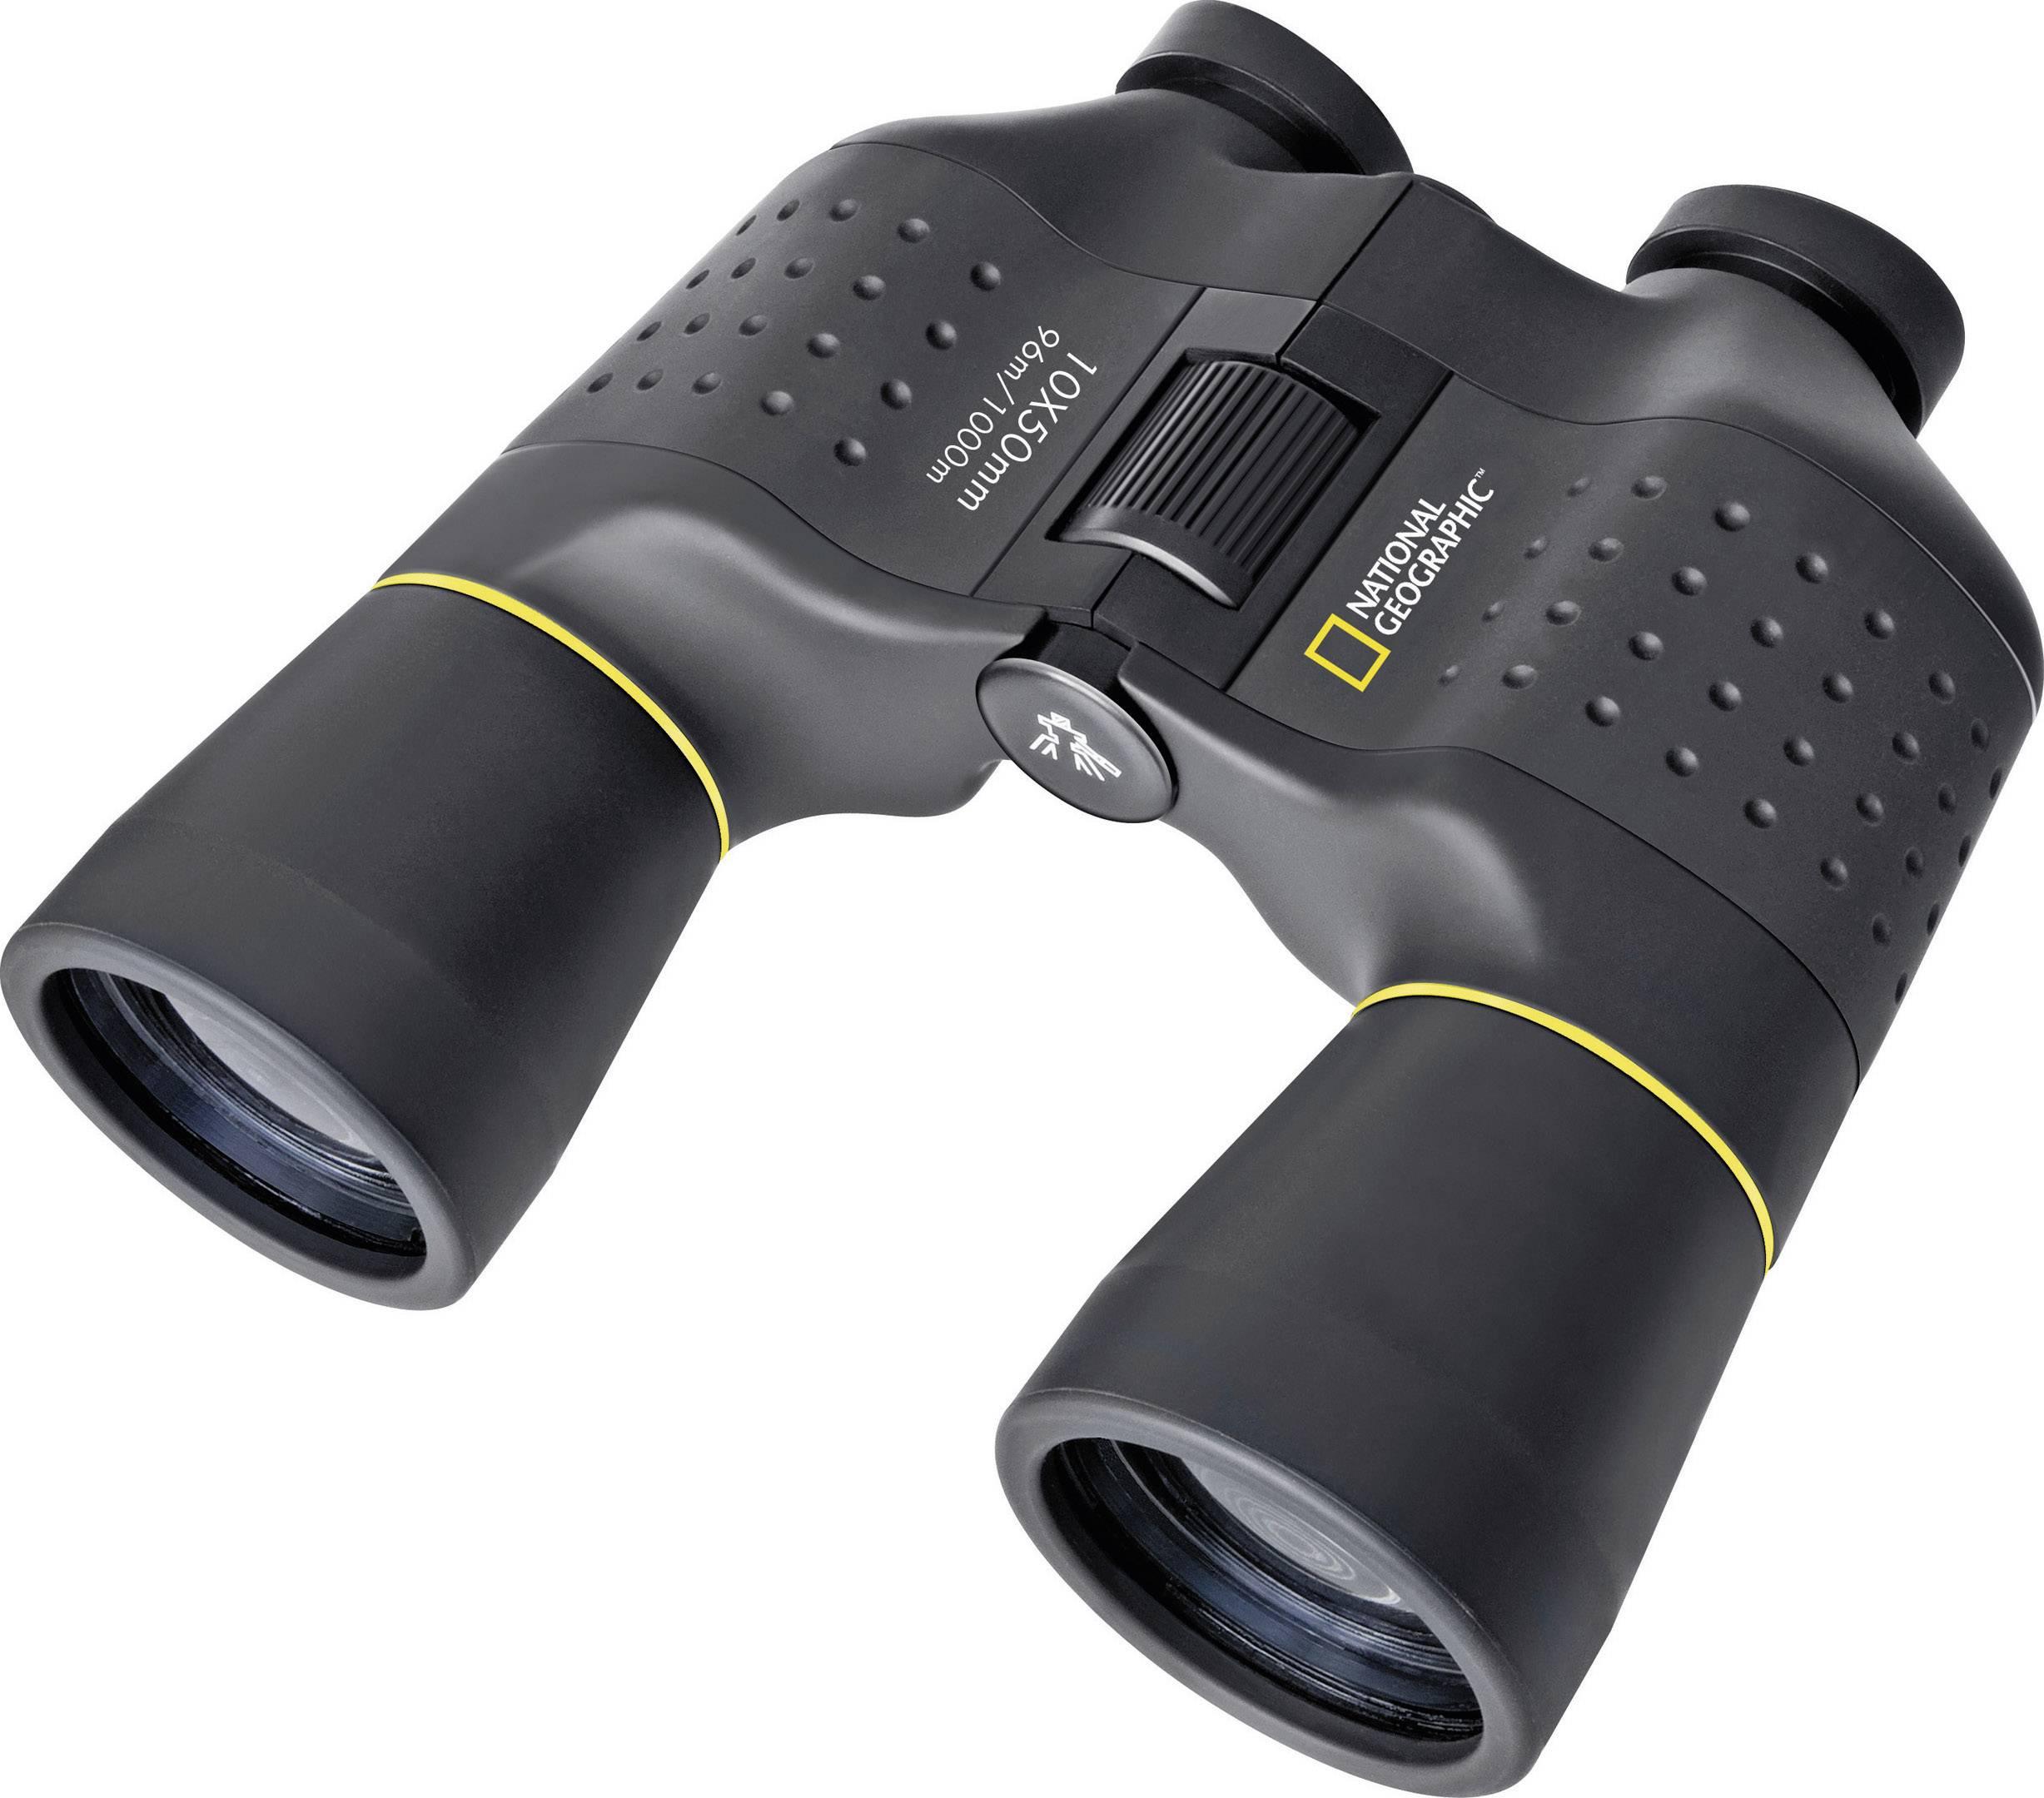 Porro-prizmatický ďalekohľad National Geographic Porro, 10x 50 mm, čierna